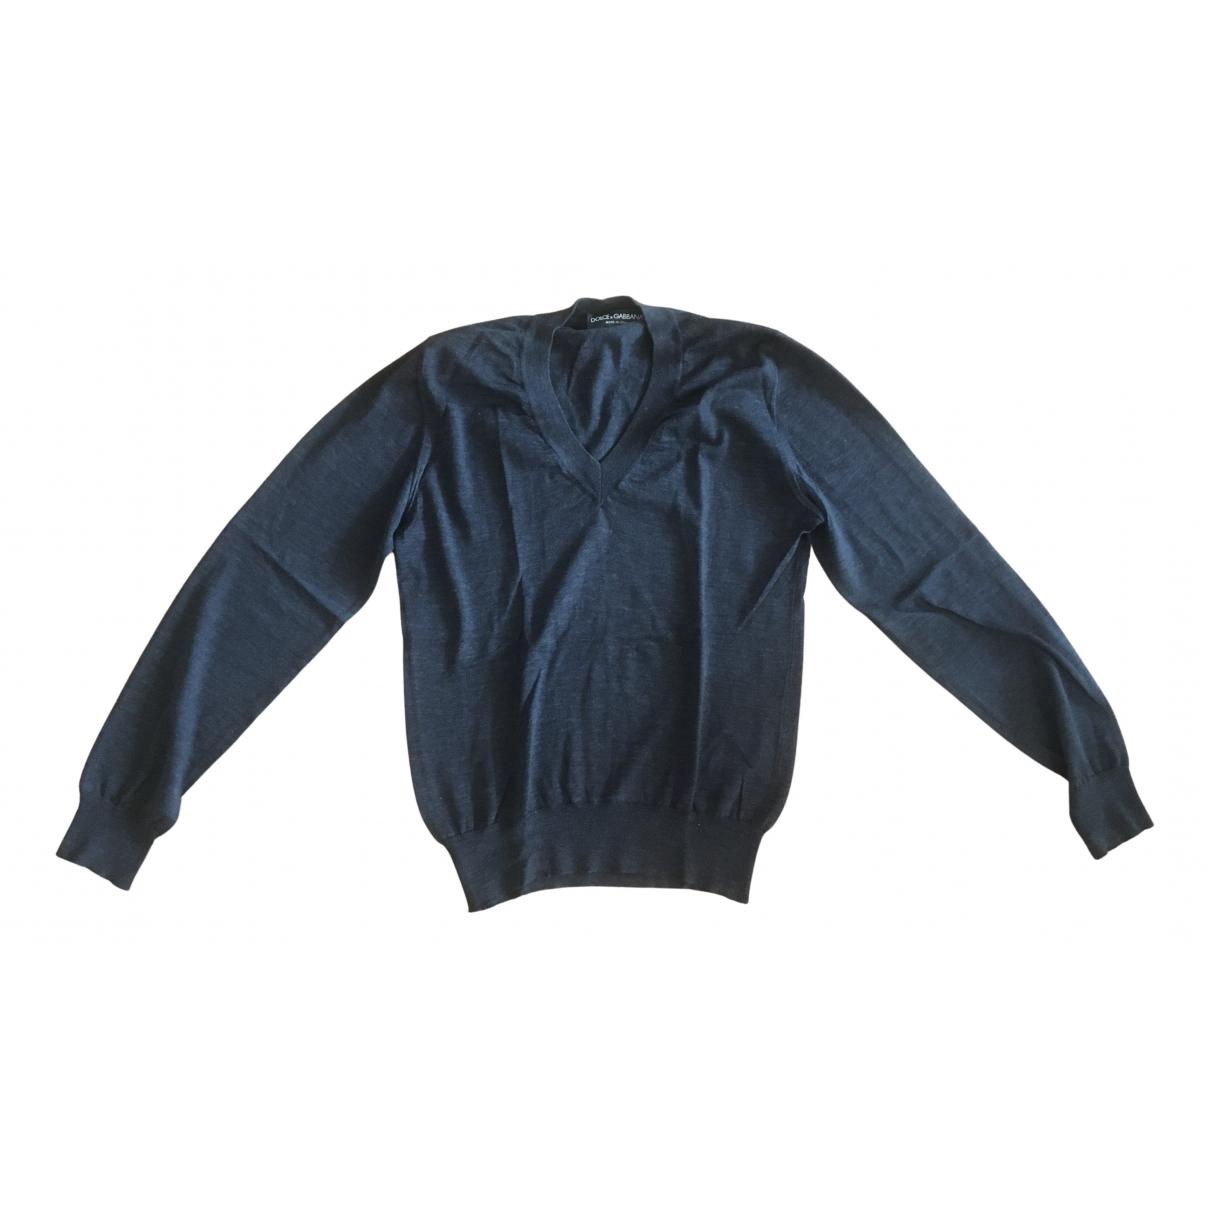 Dolce & Gabbana N Grey Wool Knitwear & Sweatshirts for Men 44 IT